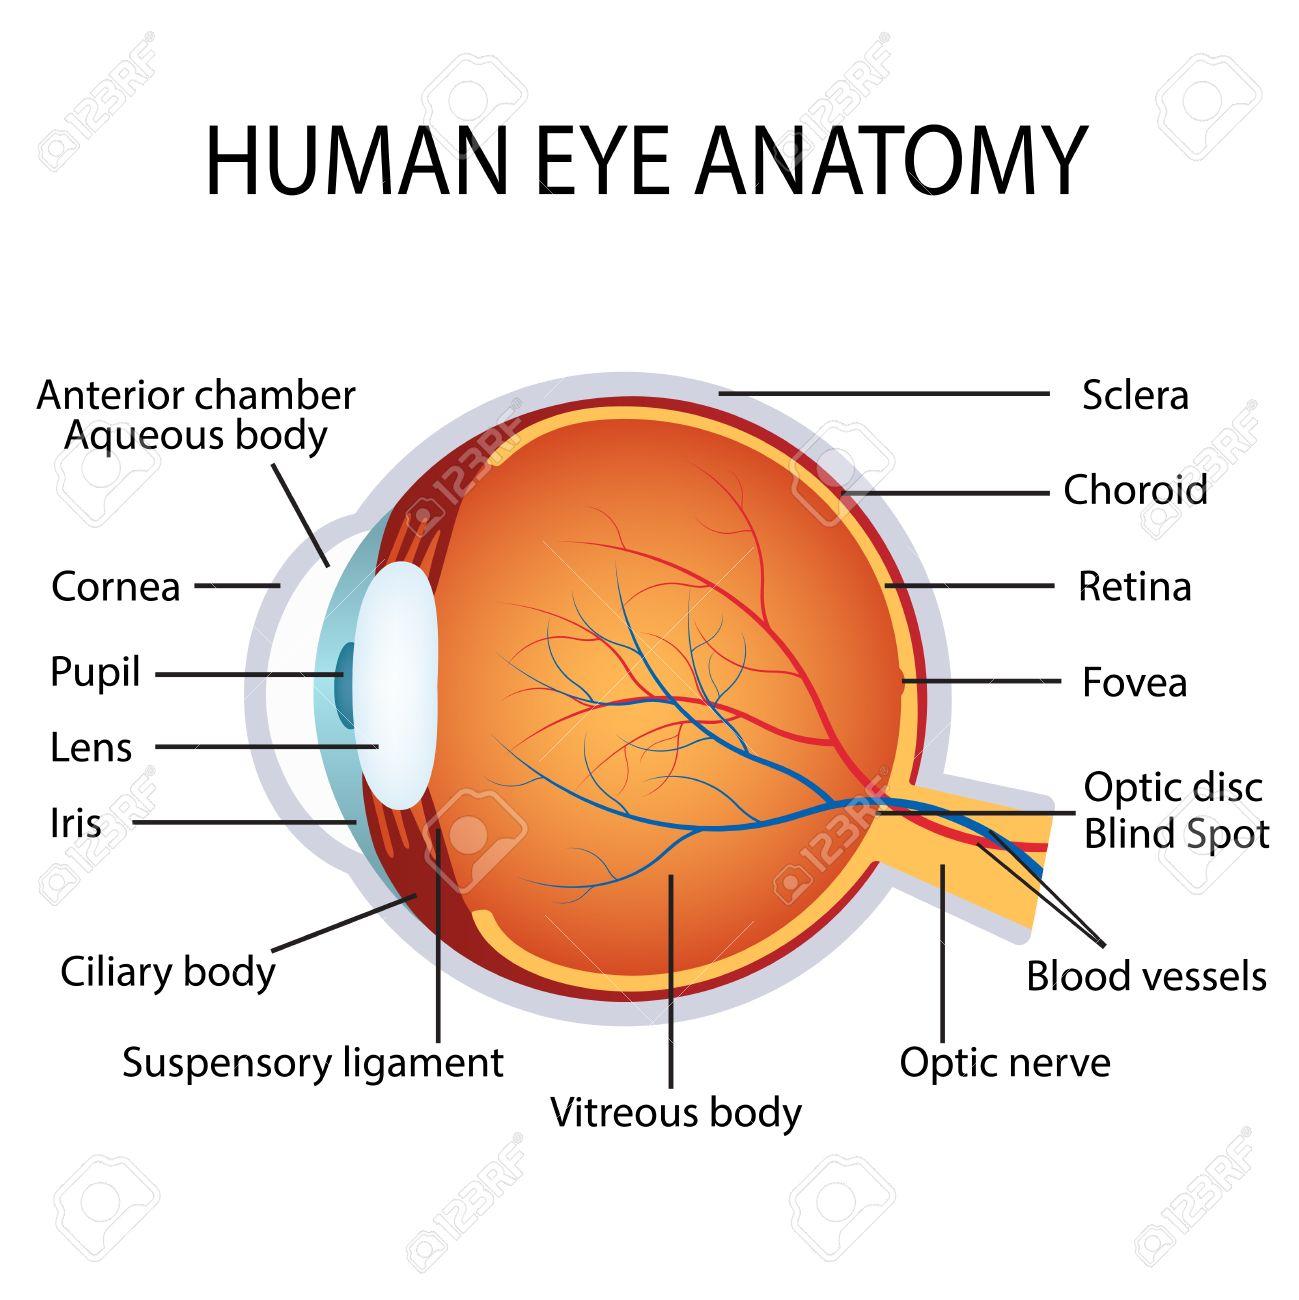 Ilustración de la anatomía ojo humano en el fondo blanco